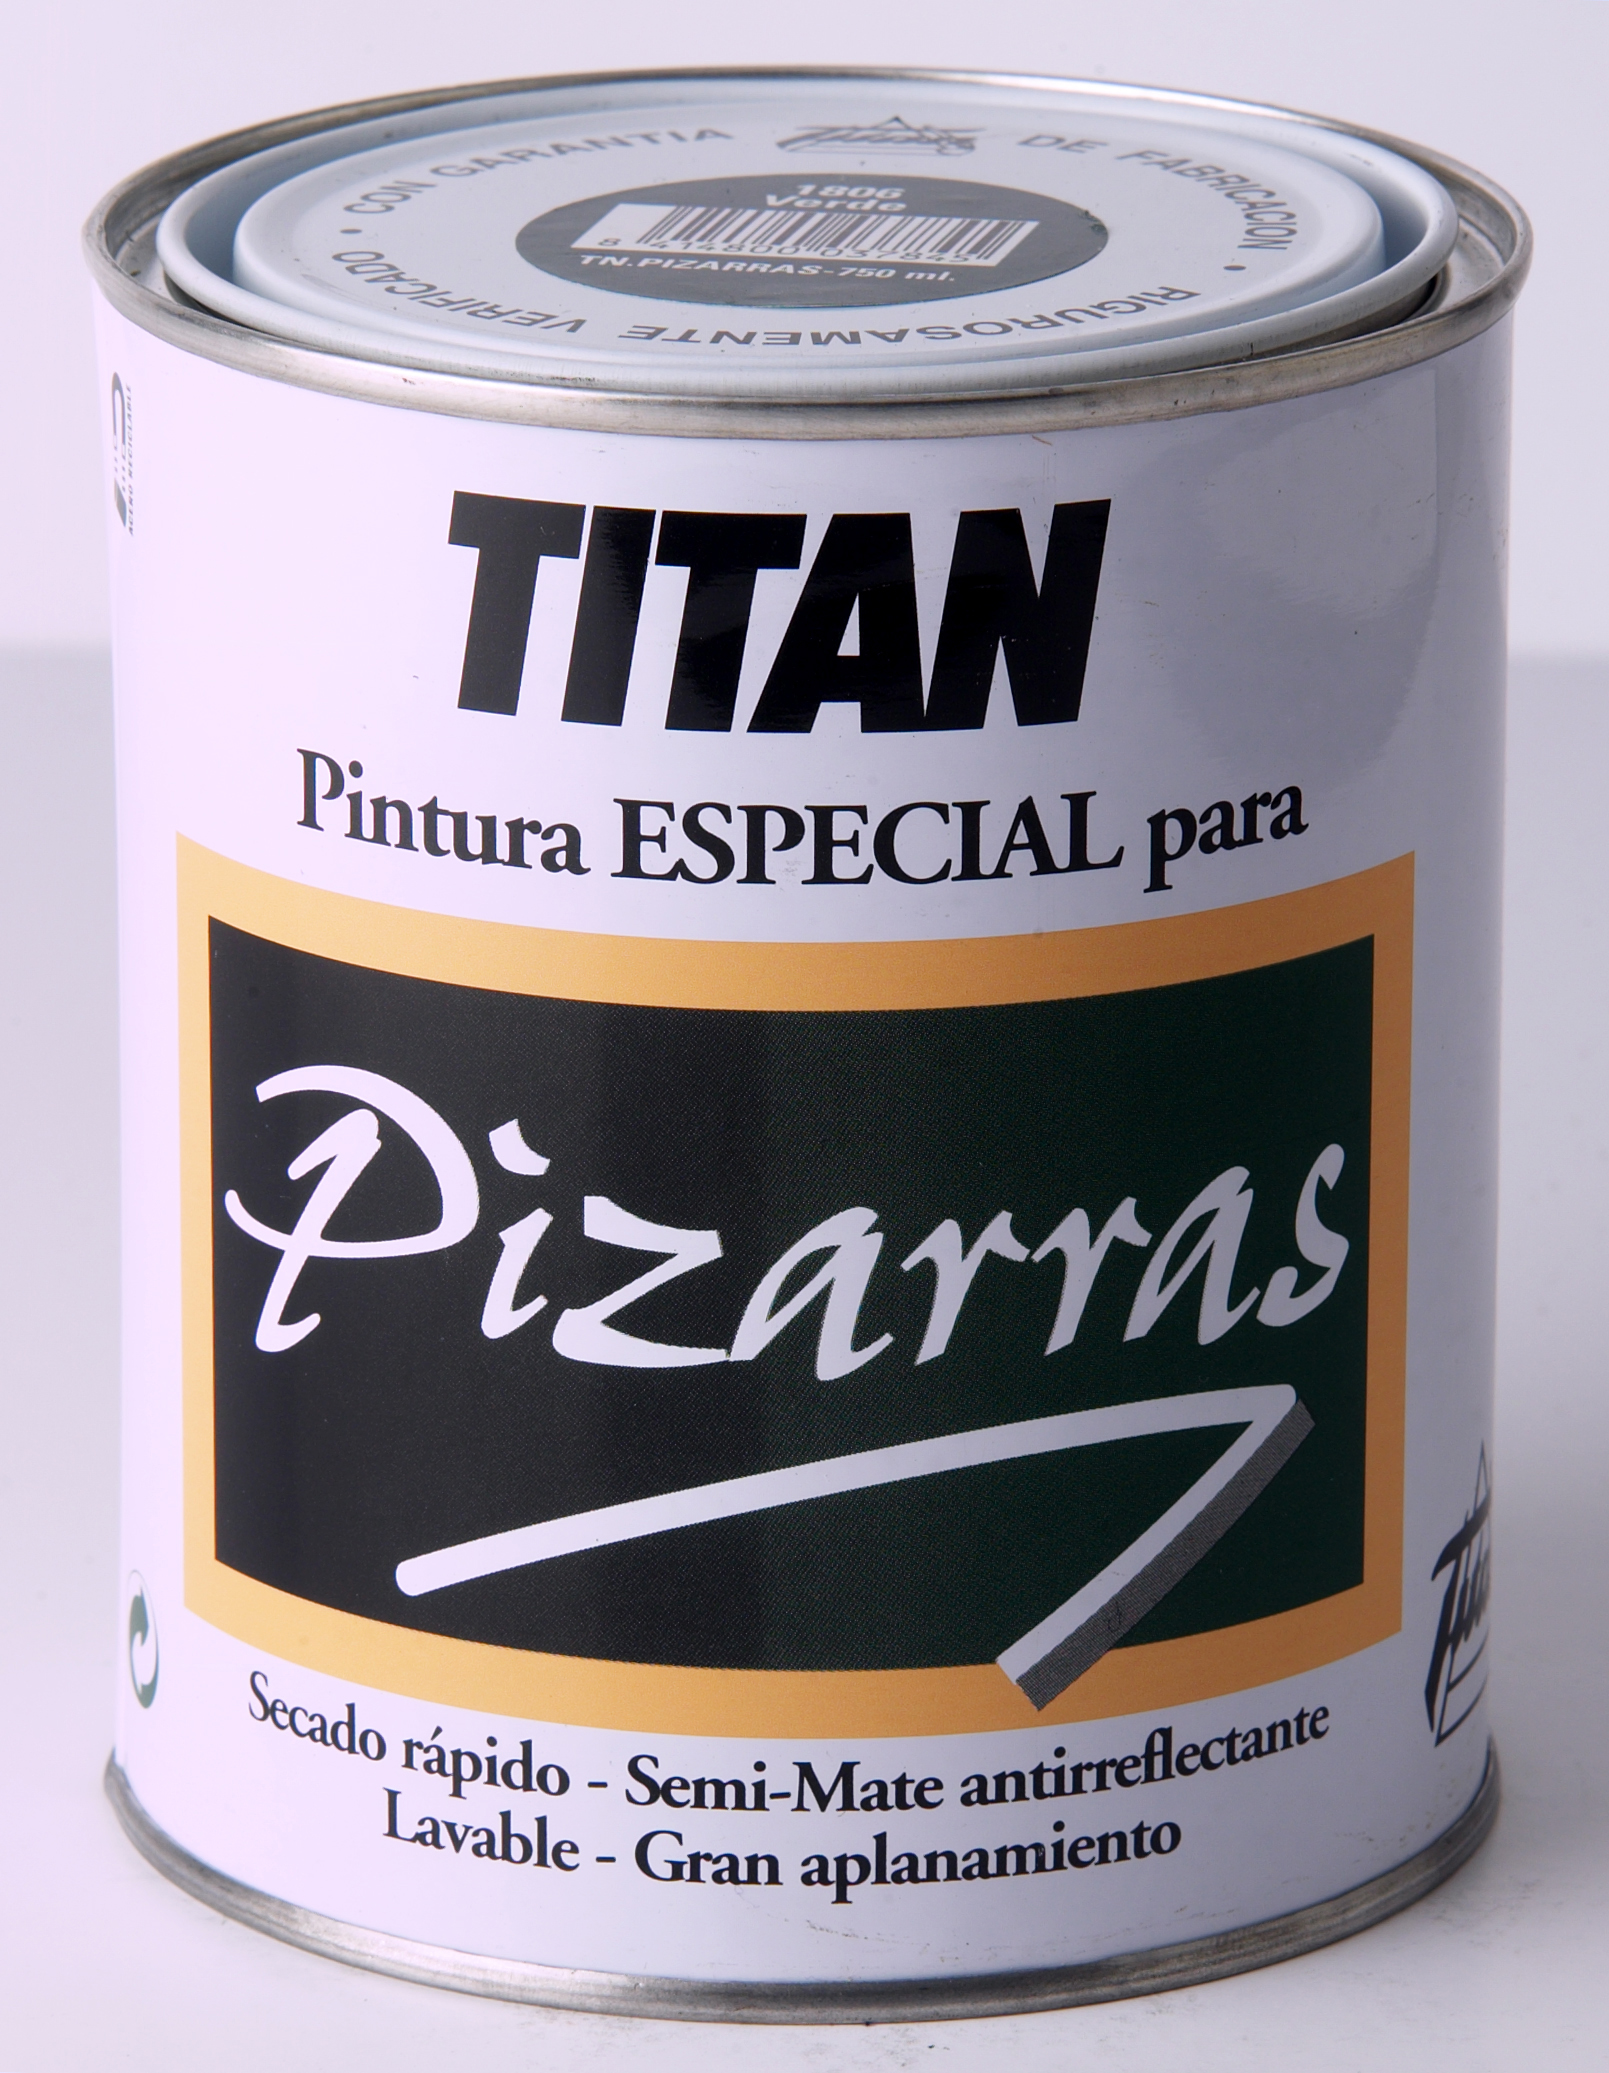 TITAN PIZARRAS.